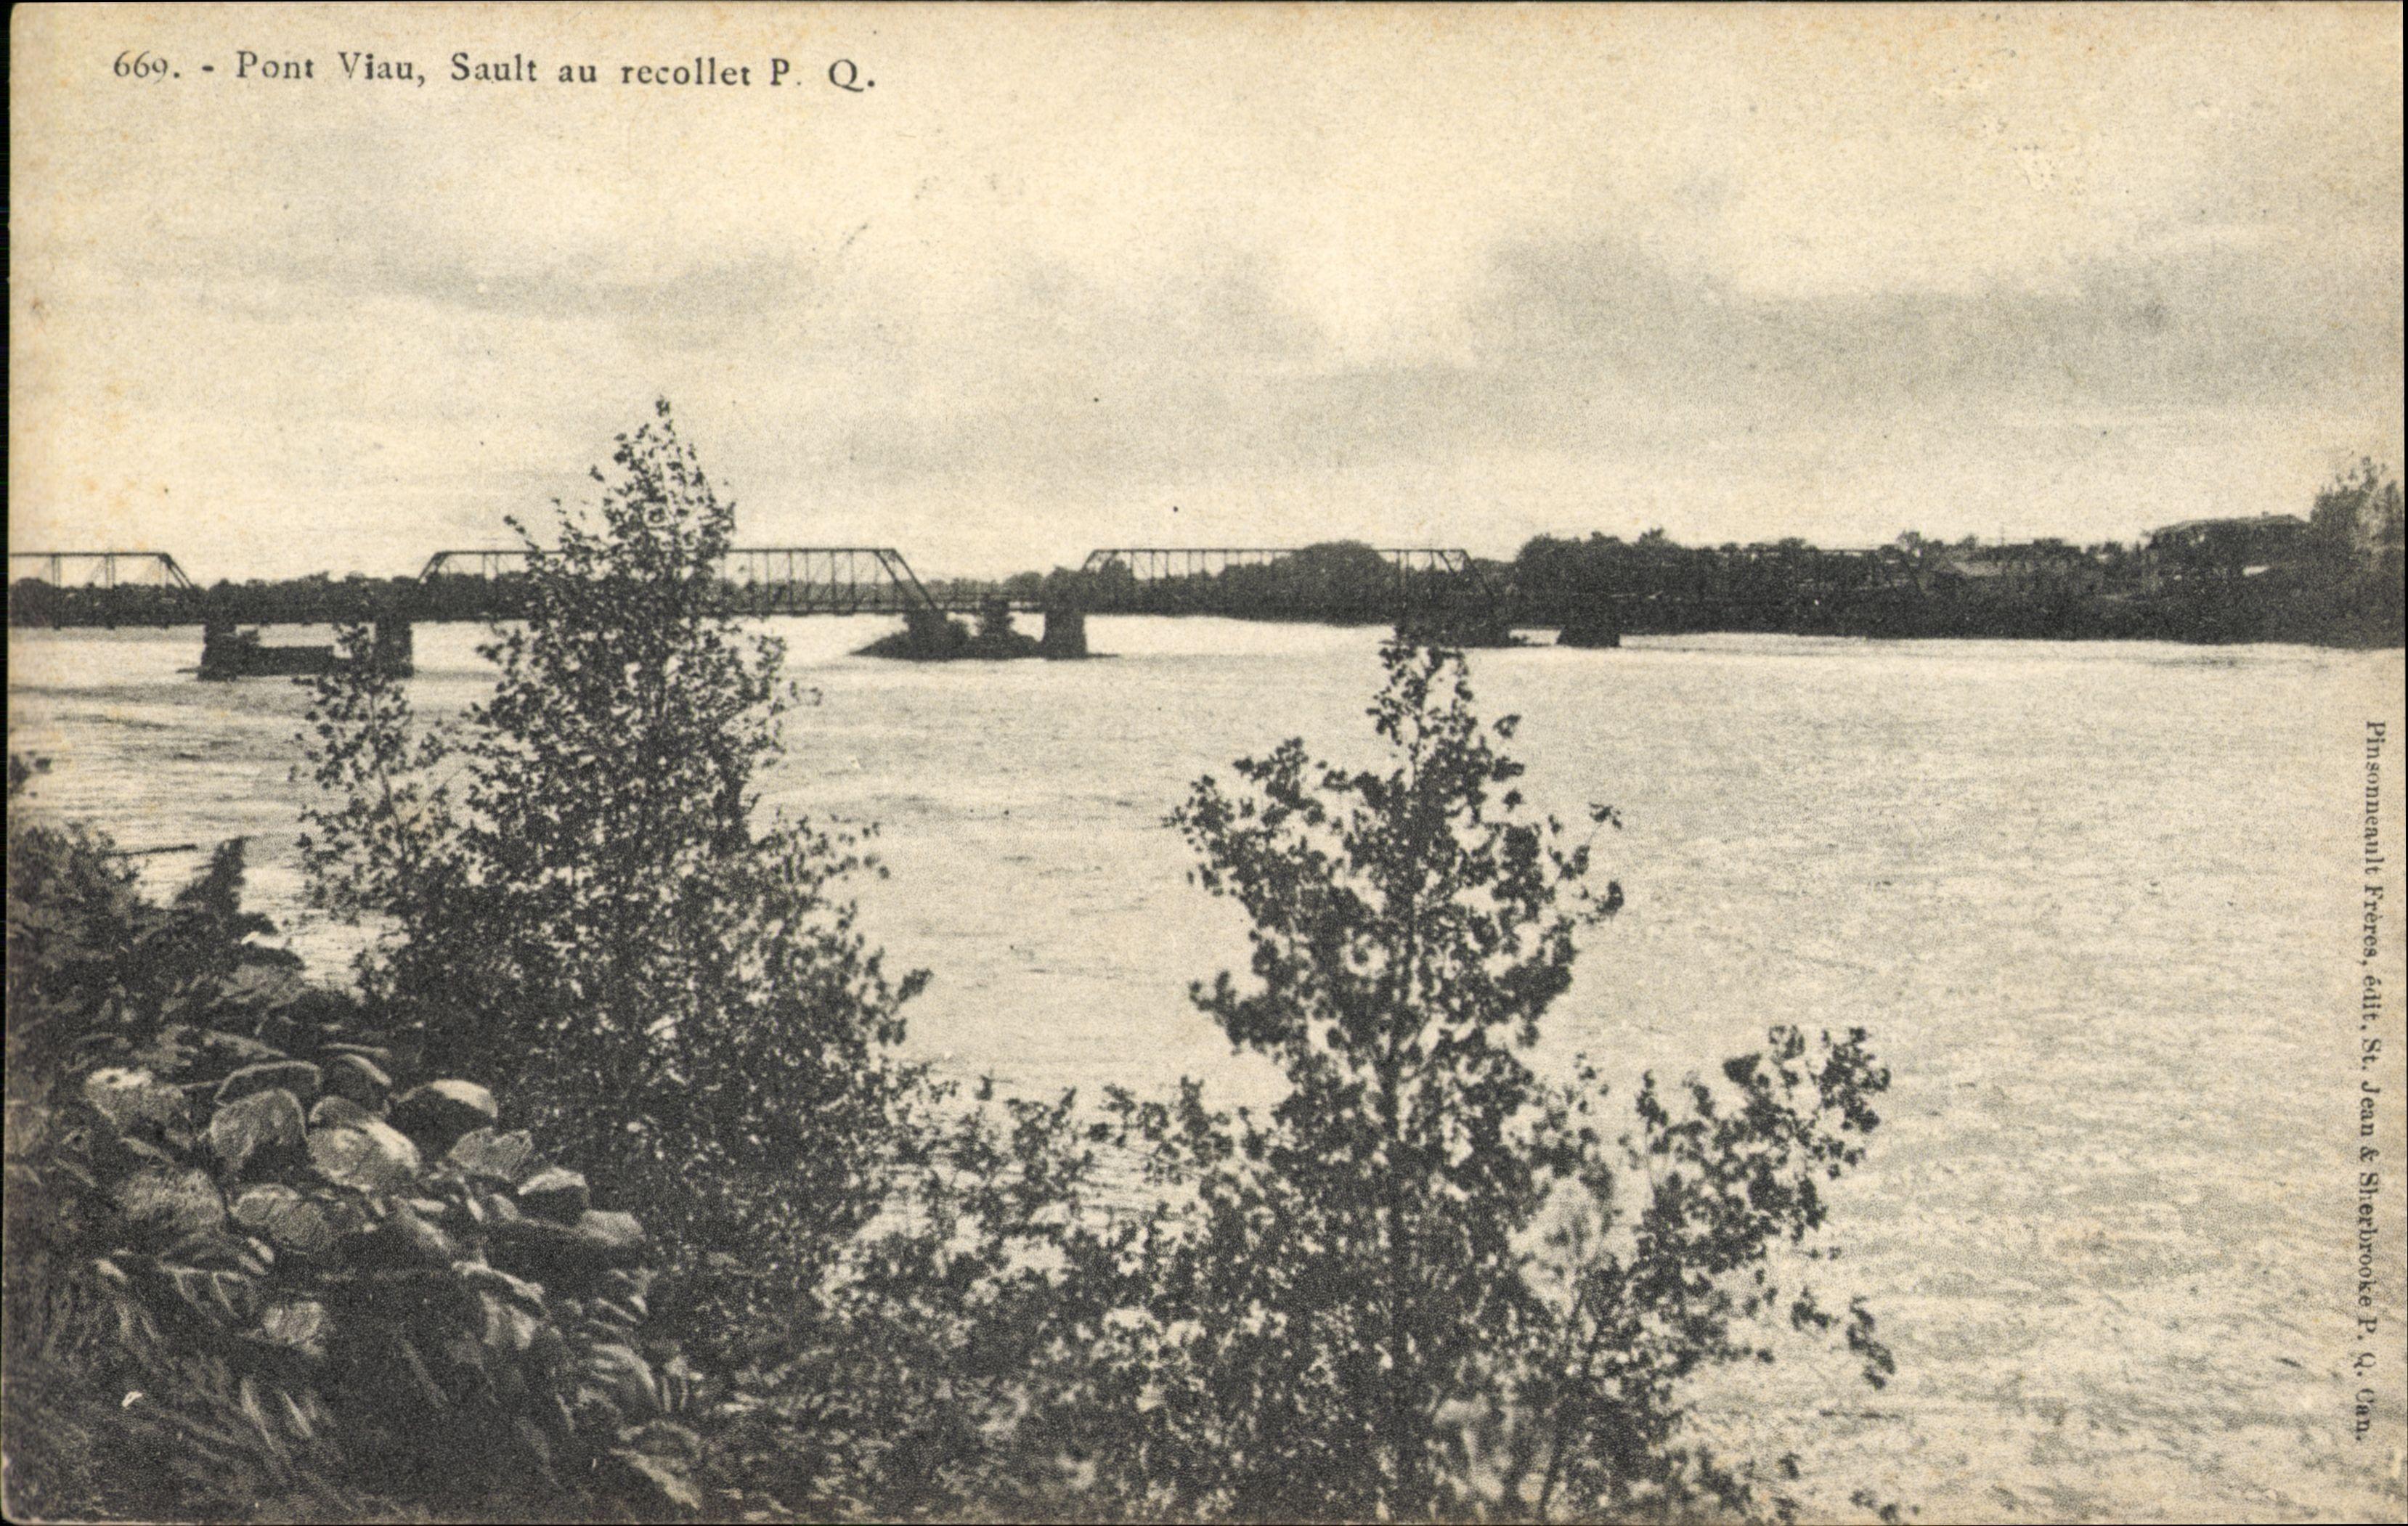 Pont Viau, Sault au récollet P.Q., 669 [image fixe]  